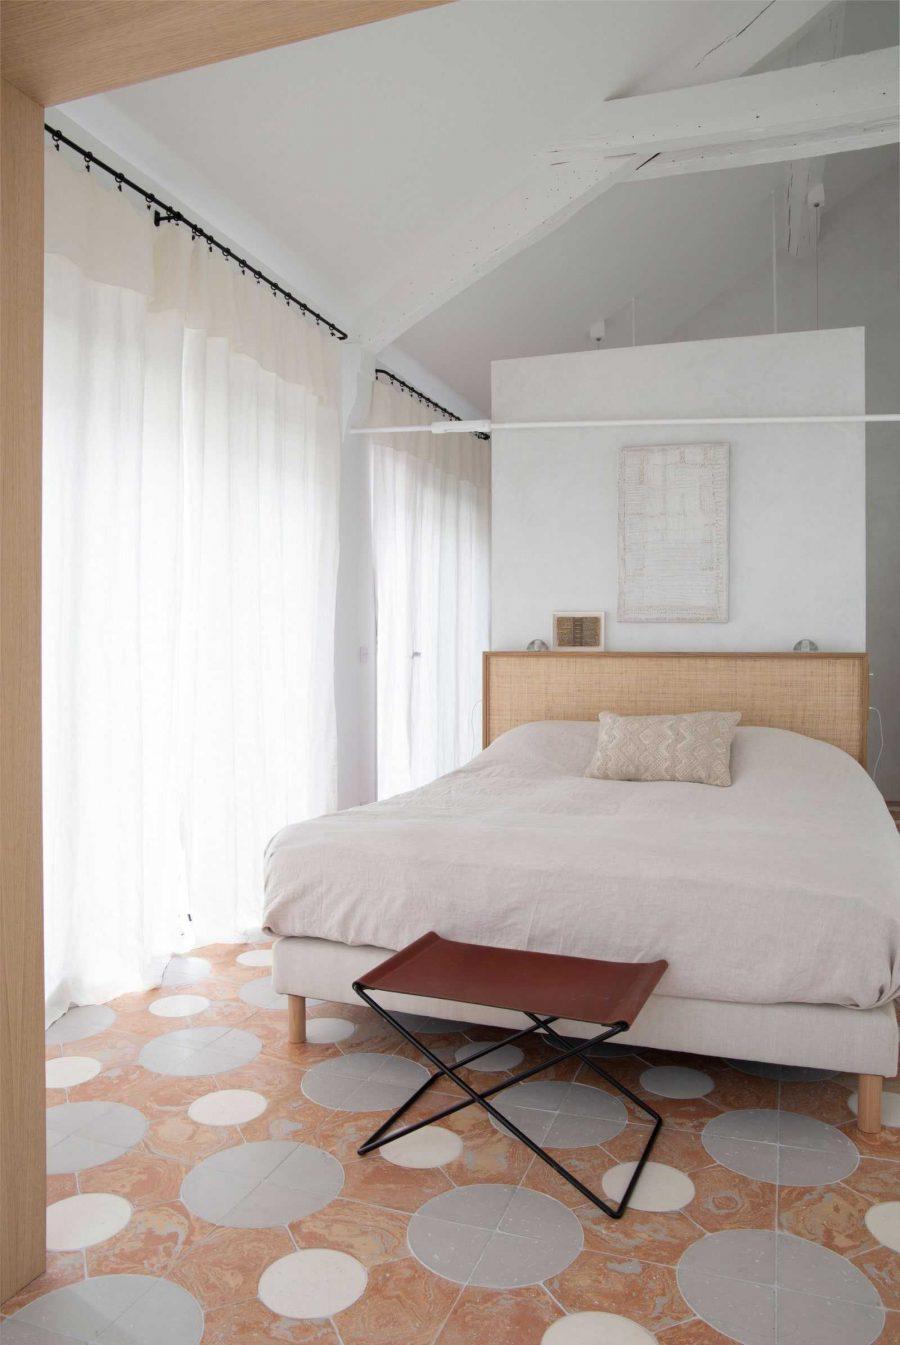 Decor phòng ngủ bao gồm rèm cửa có cả chức năng che chắn và tạo vẻ ngoài ấn tượng cho không gian căn phòng